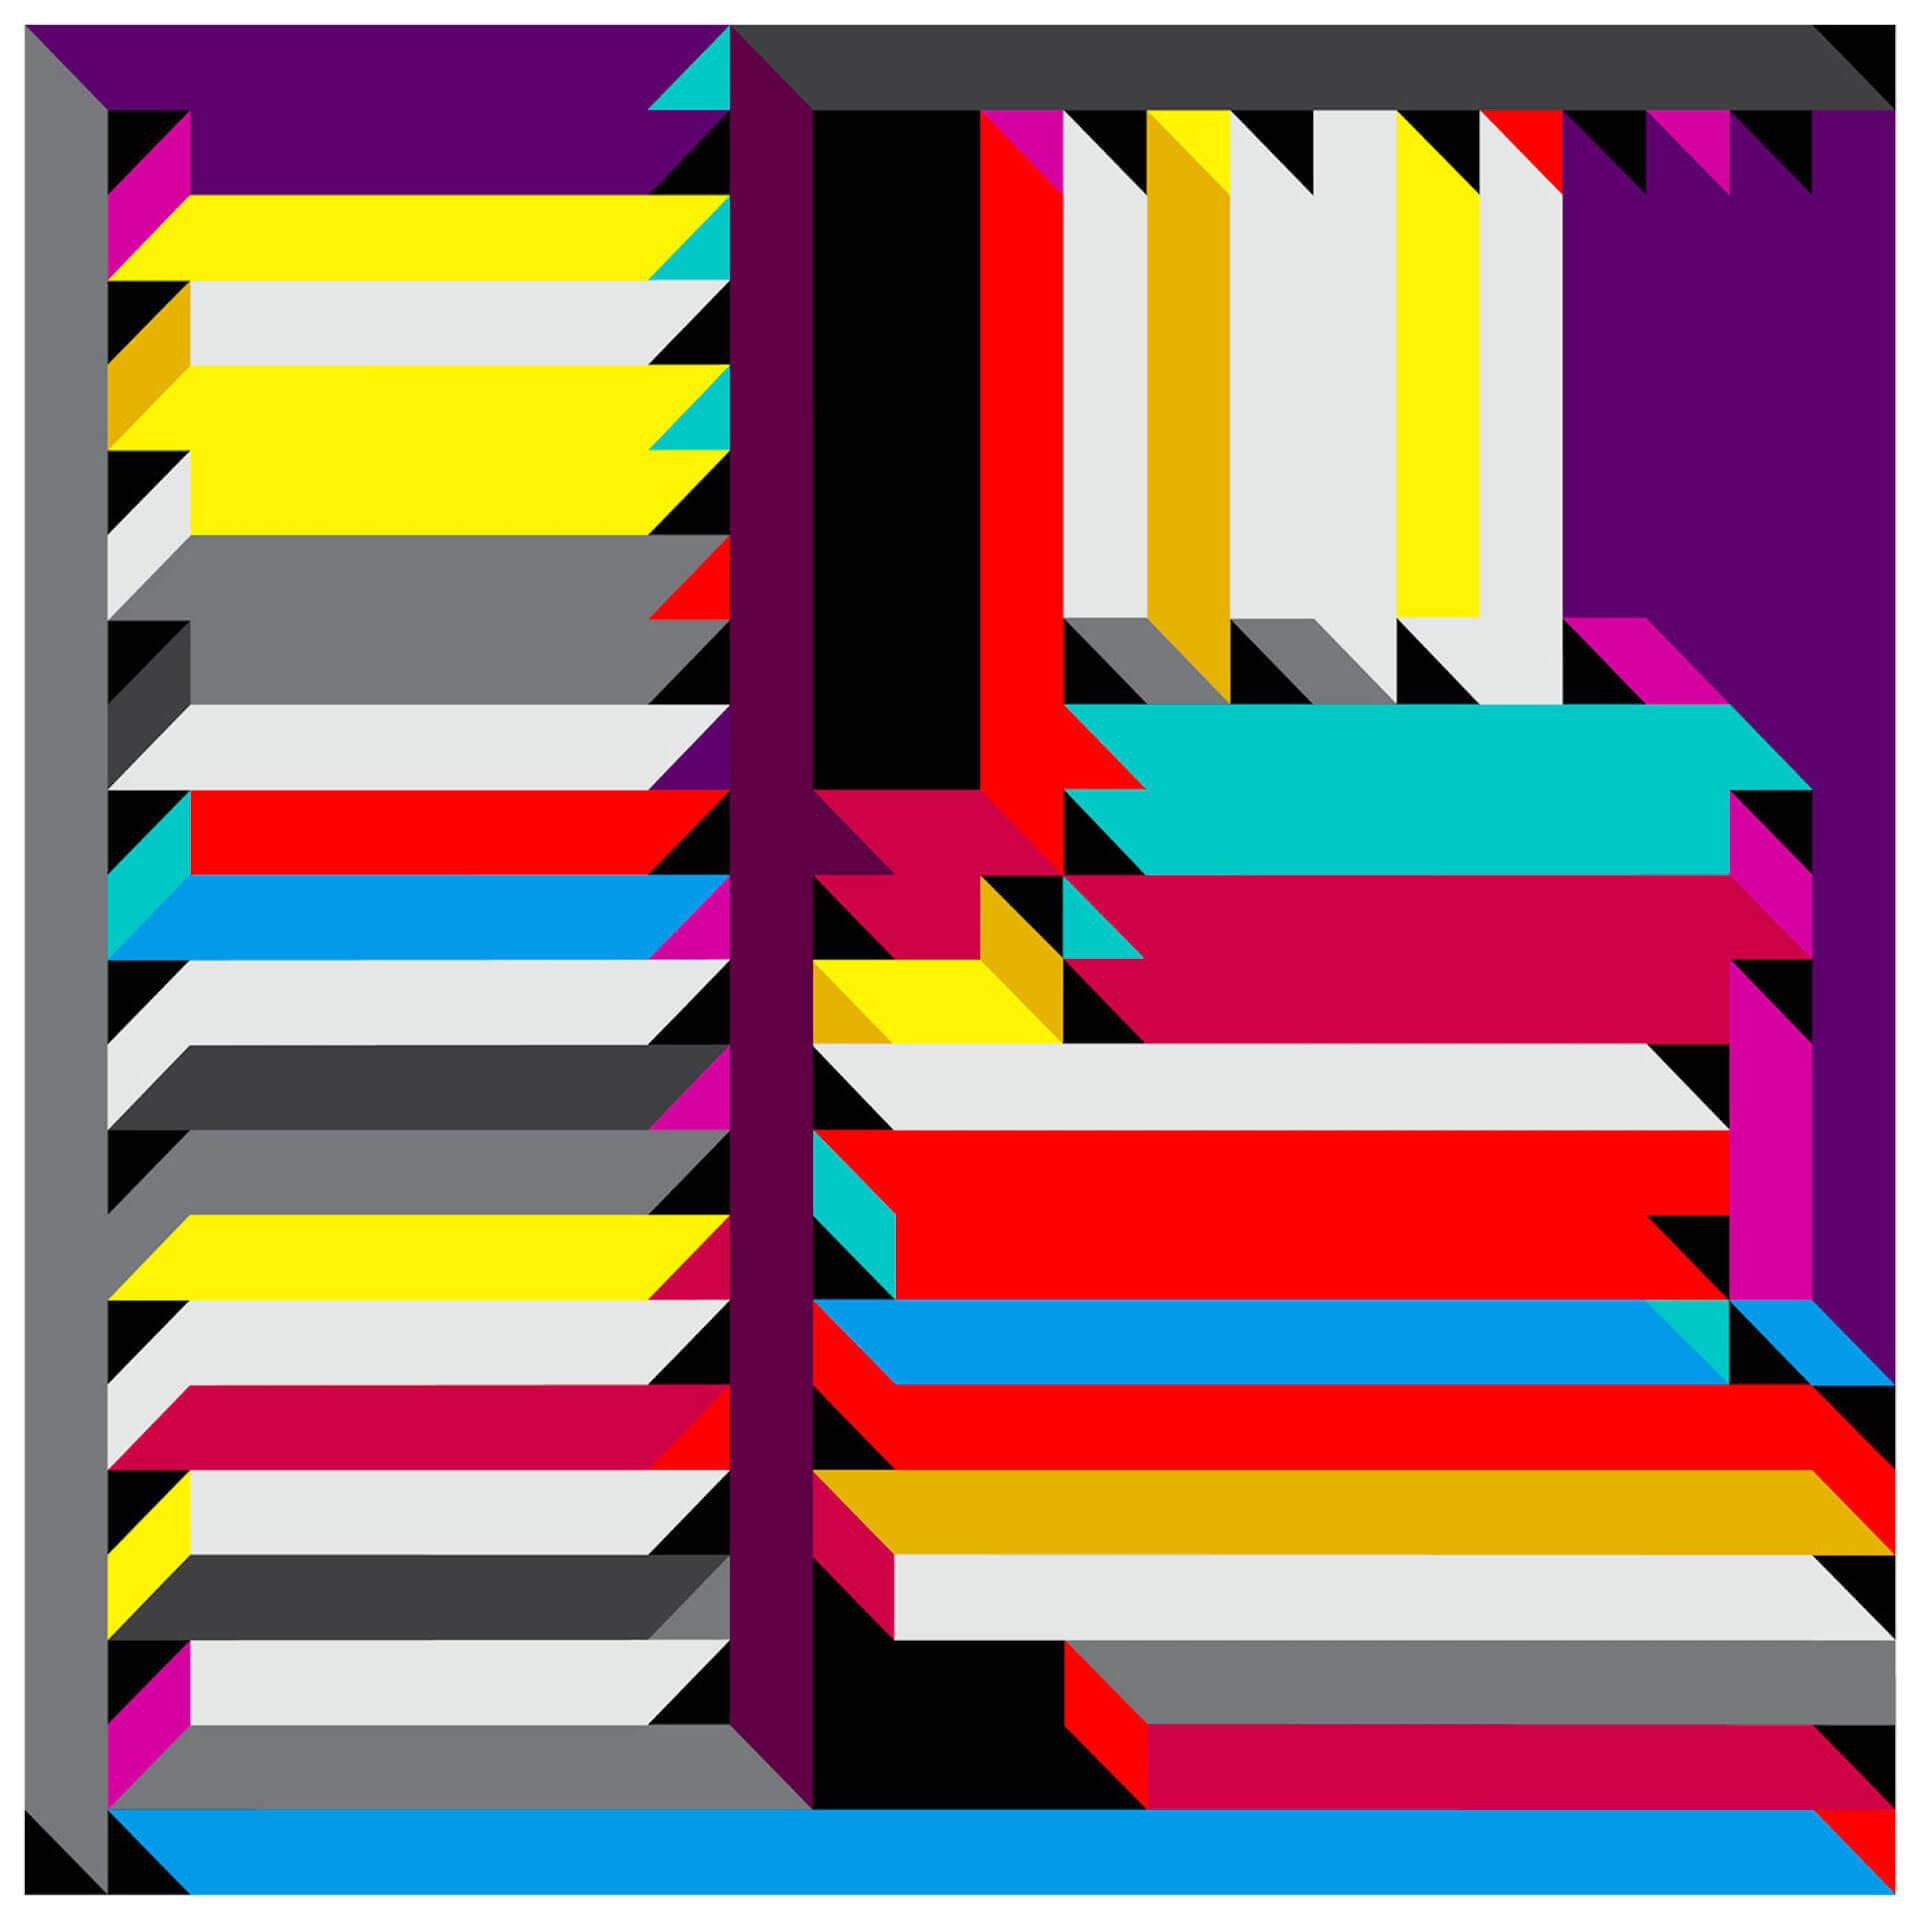 """Battles最新作『Juice B Crypts』のリミックスEP『Juice B Mixed』にblack midi、Shedら参加決定!black midiによるリミックス曲""""Stirling Bridge""""が先行解禁 music201007_battles_4"""